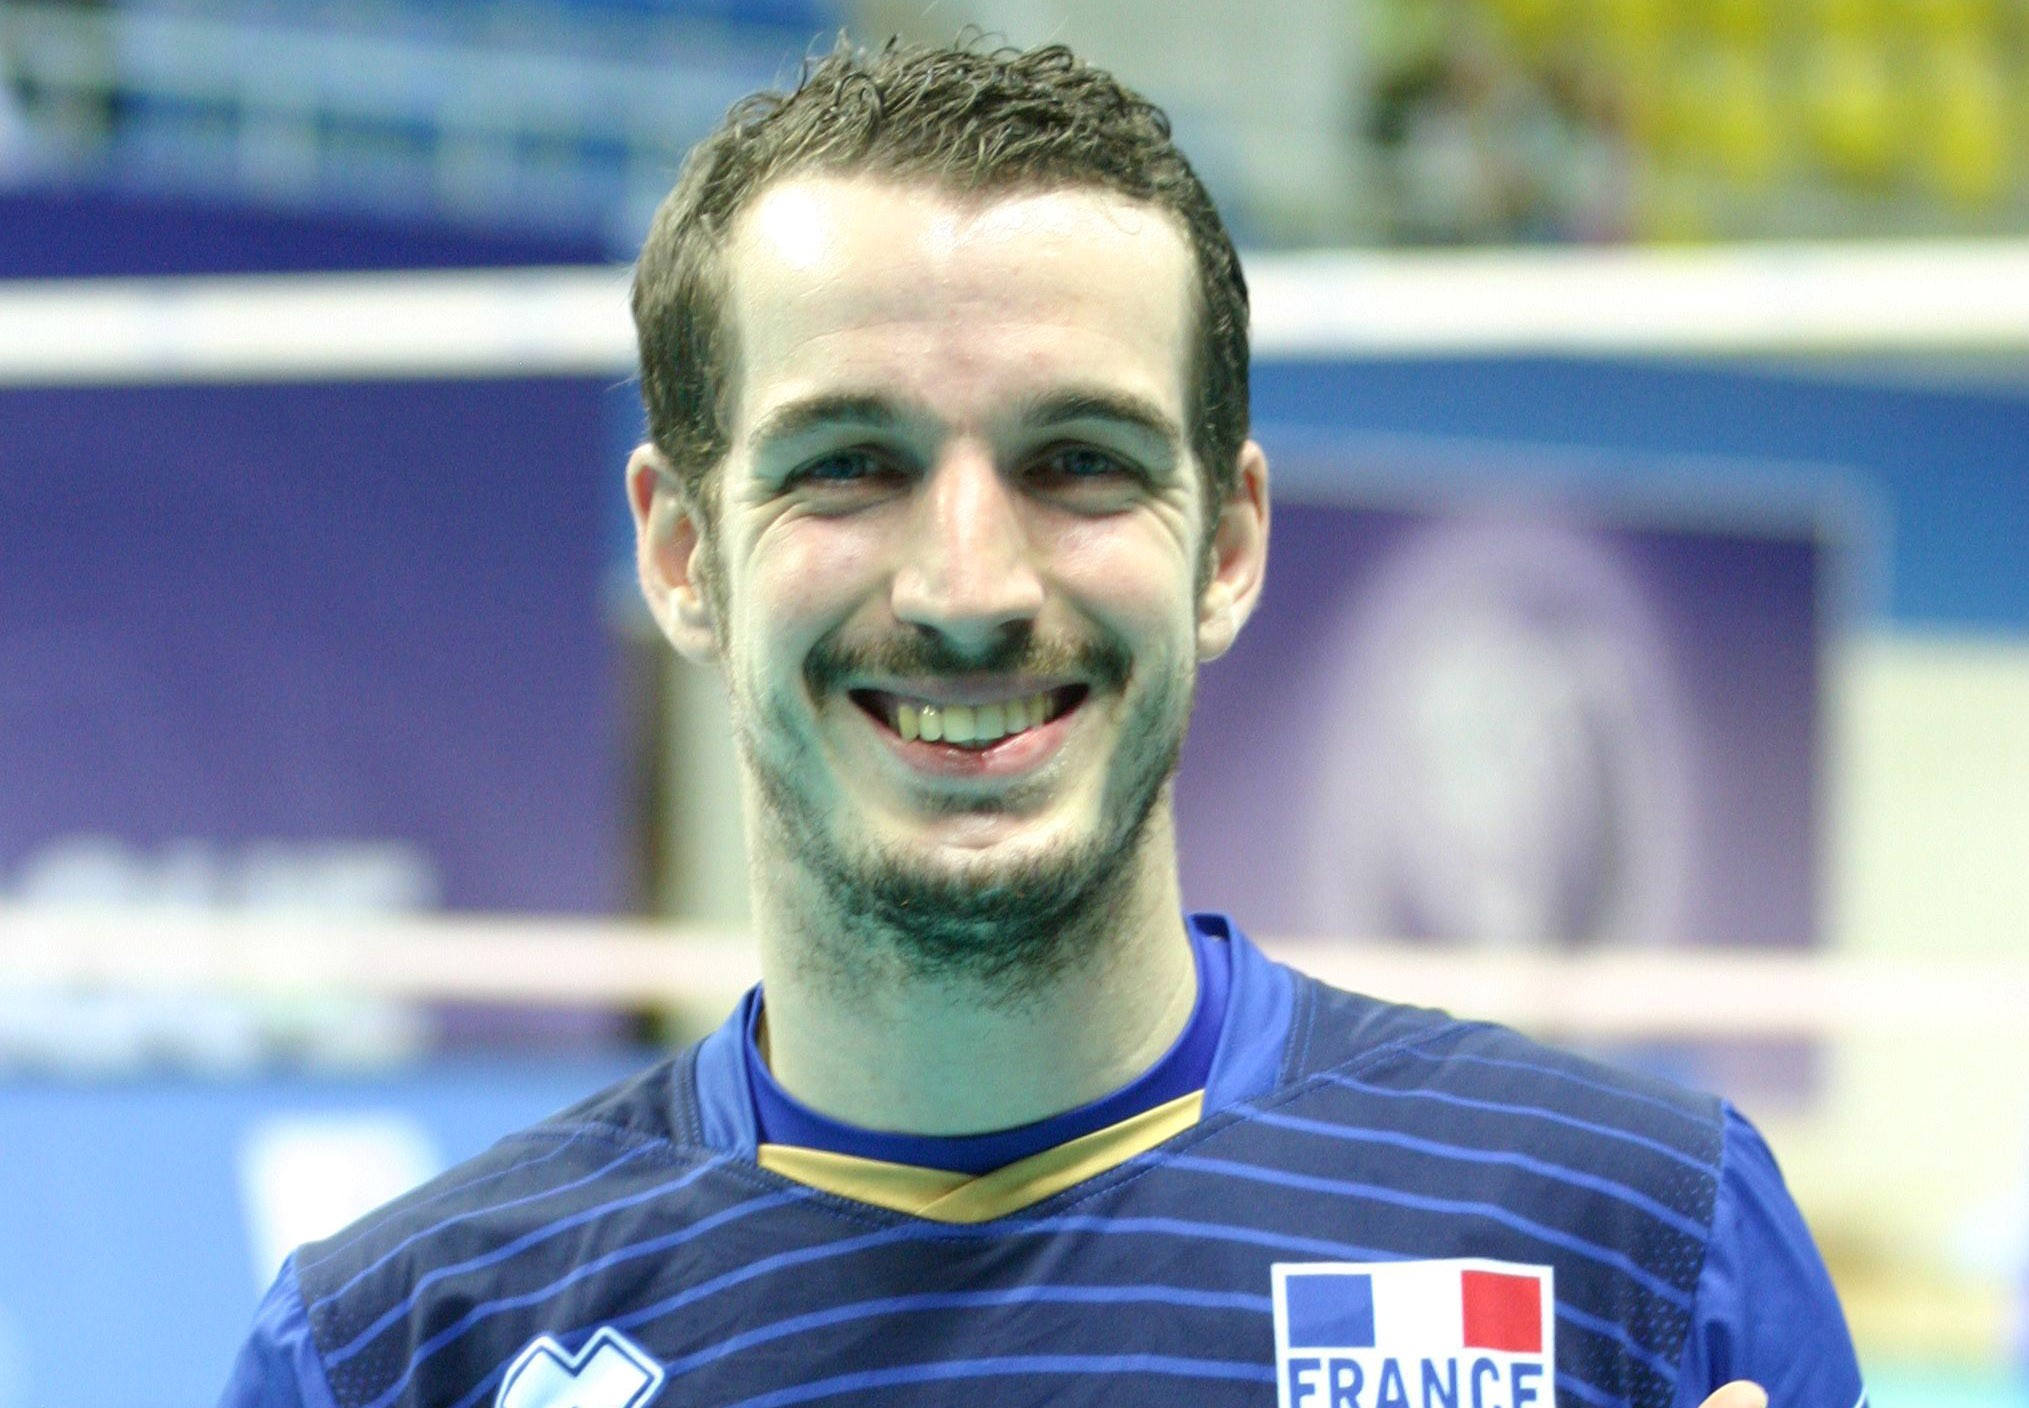 Volley: la France toujours invincible en Ligue mondiale